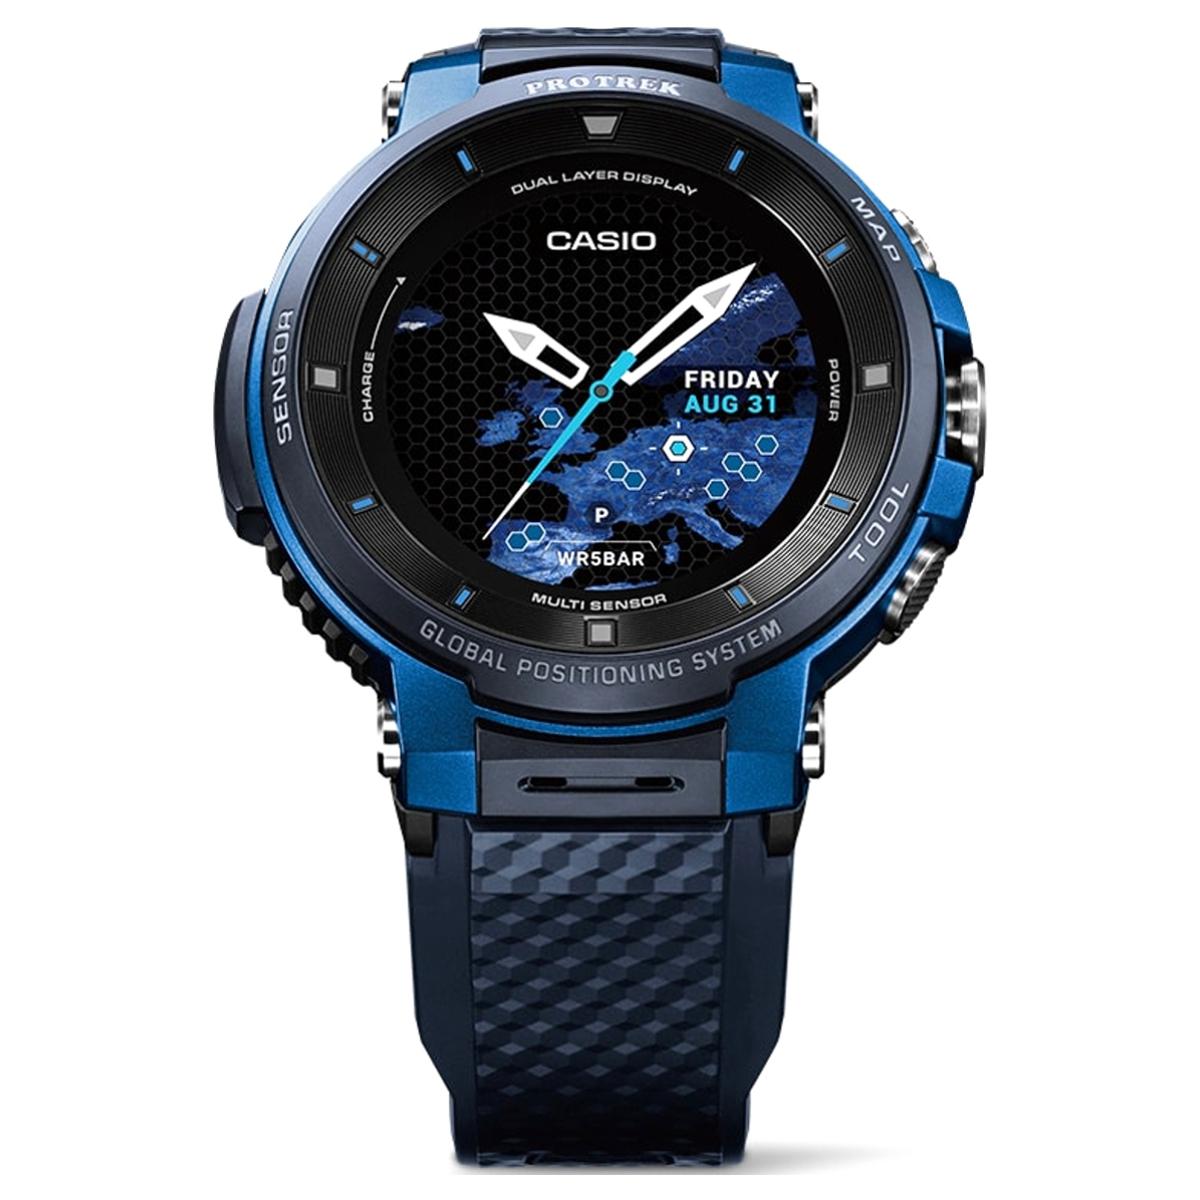 カシオ 腕時計 スマートウォッチ PRO TREK Smart WSD-F30-BU ブルー